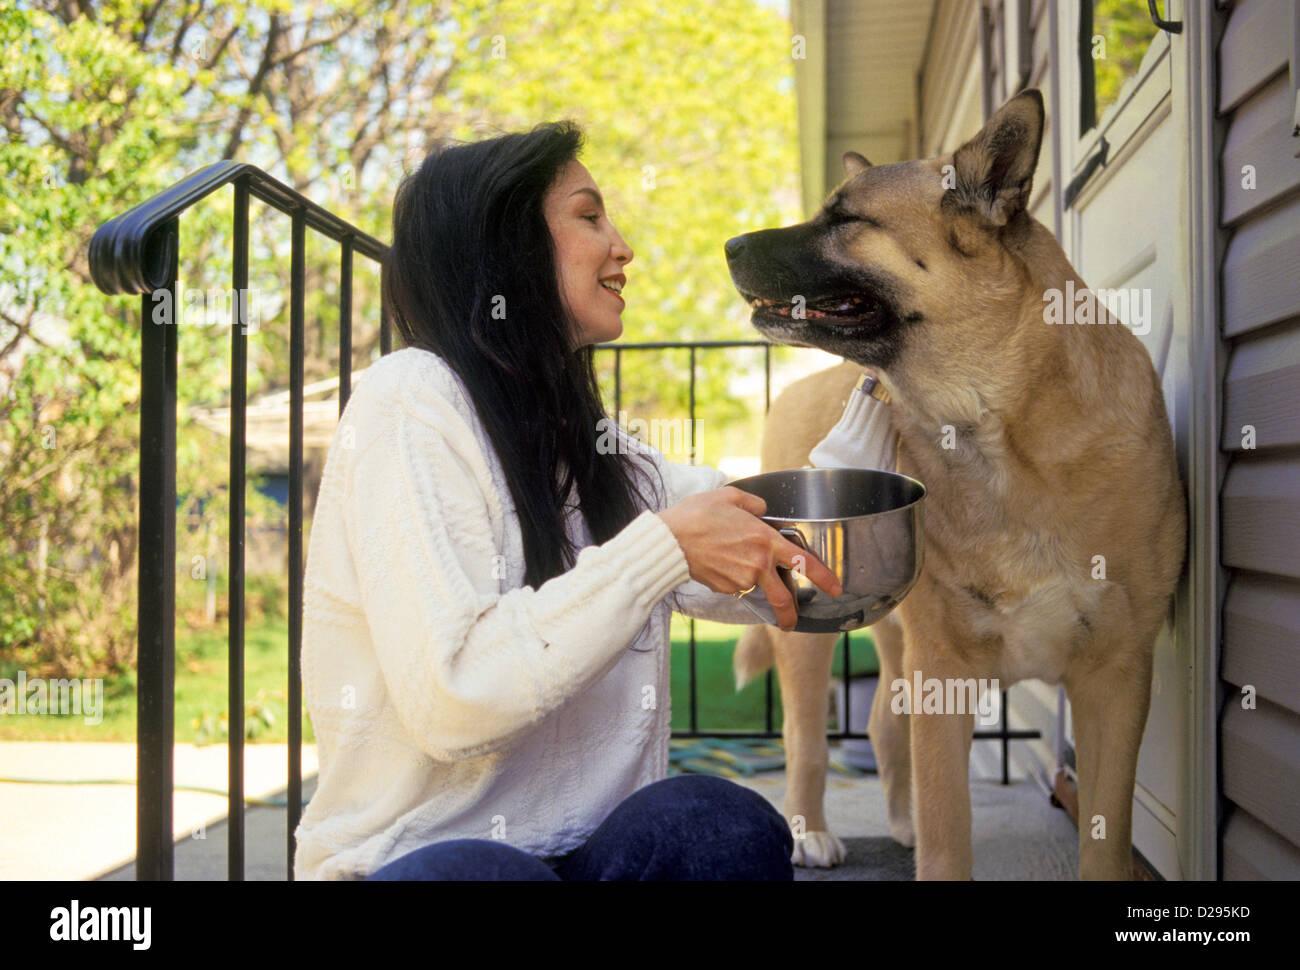 Femme dans la trentaine à la recherche de son chien, tout en offrant de l'eau Banque D'Images